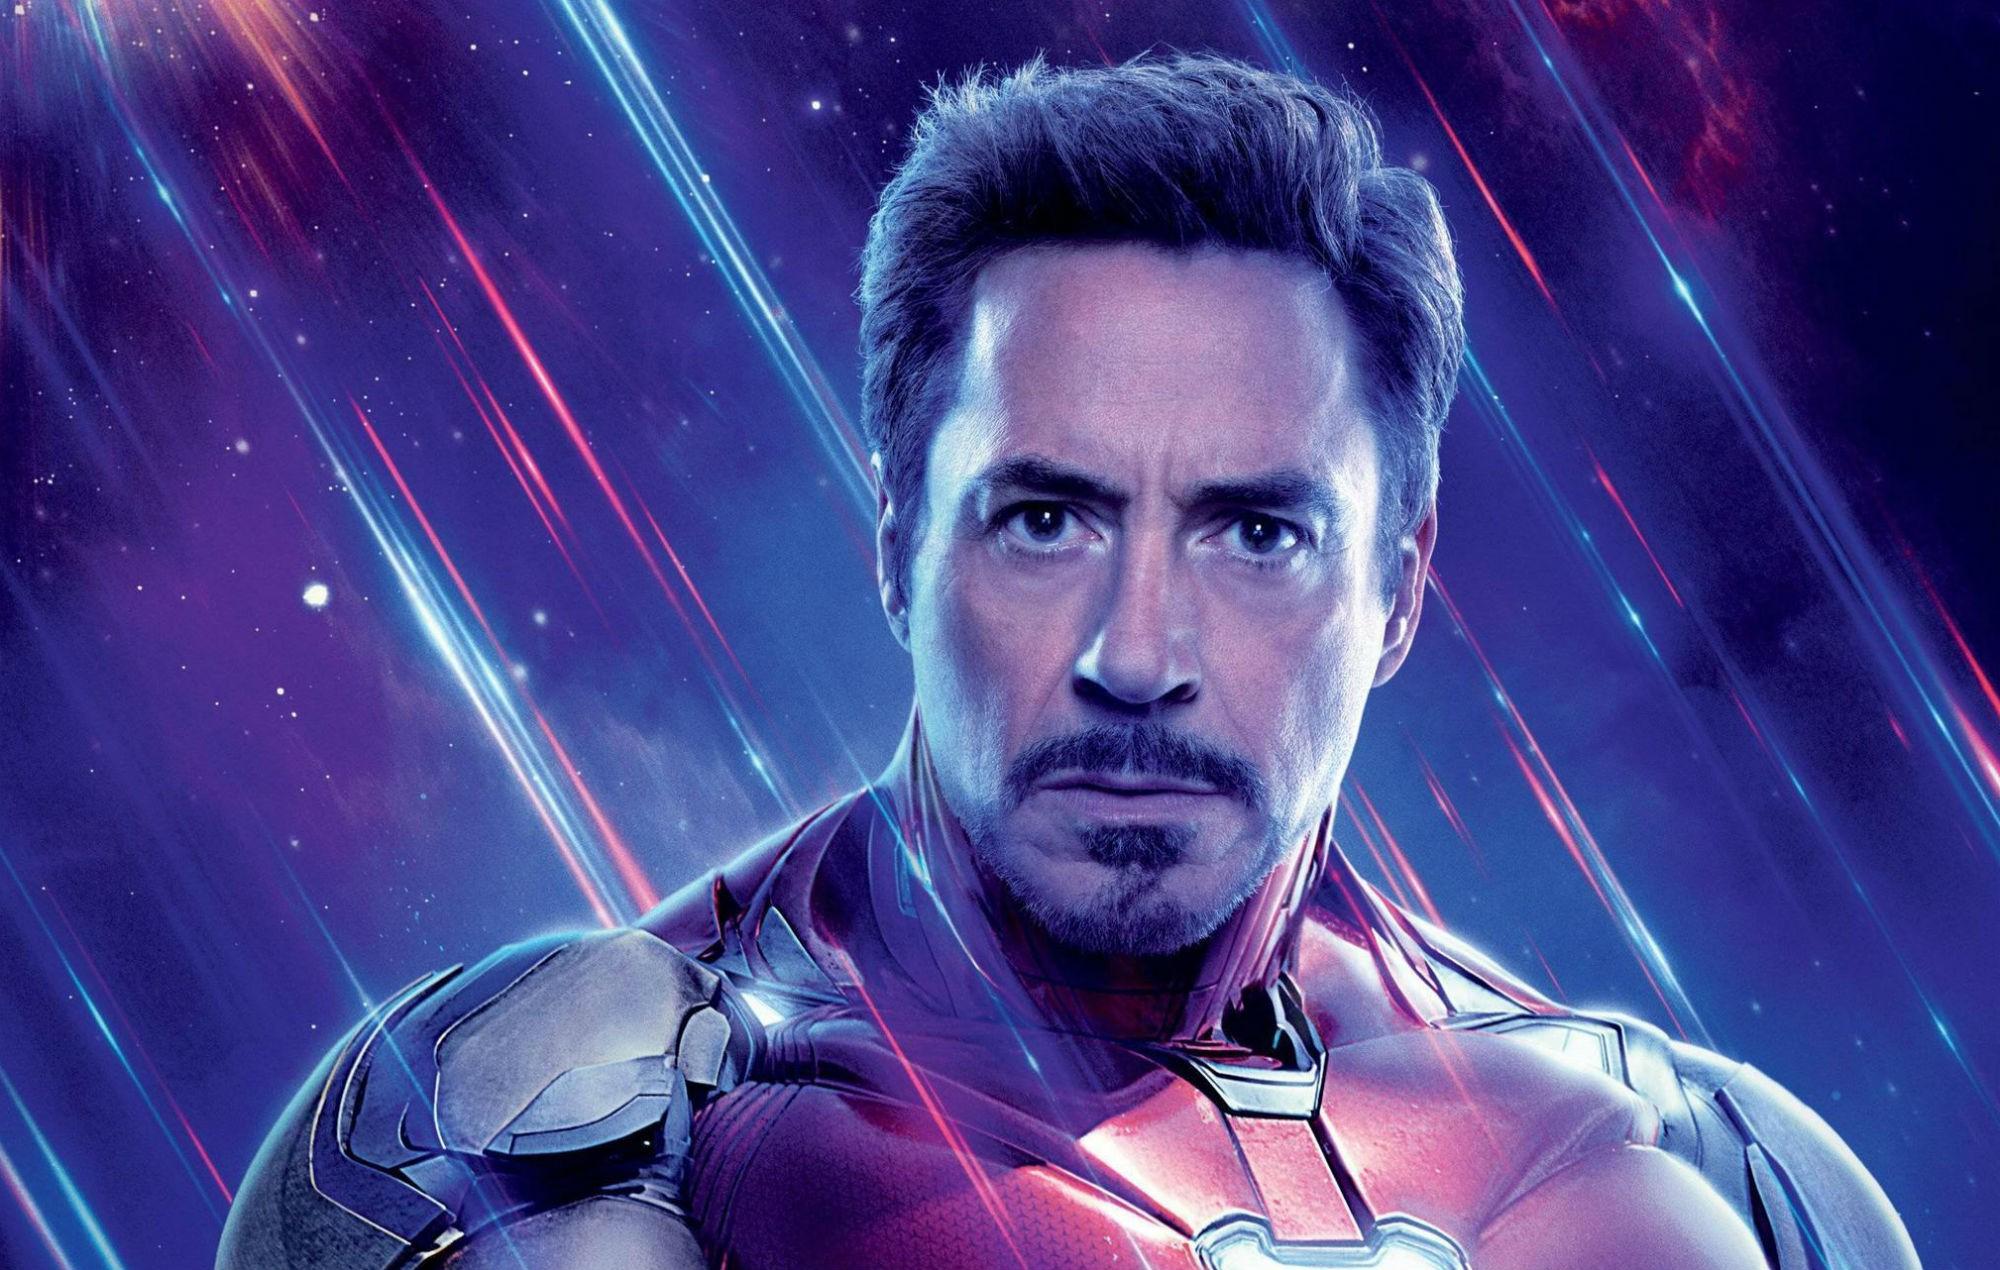 Có phải Disney không chọn đâu, là Robert Downey Jr. chẳng thèm đề cử Oscar cho Iron Man đấy chứ! - Ảnh 4.